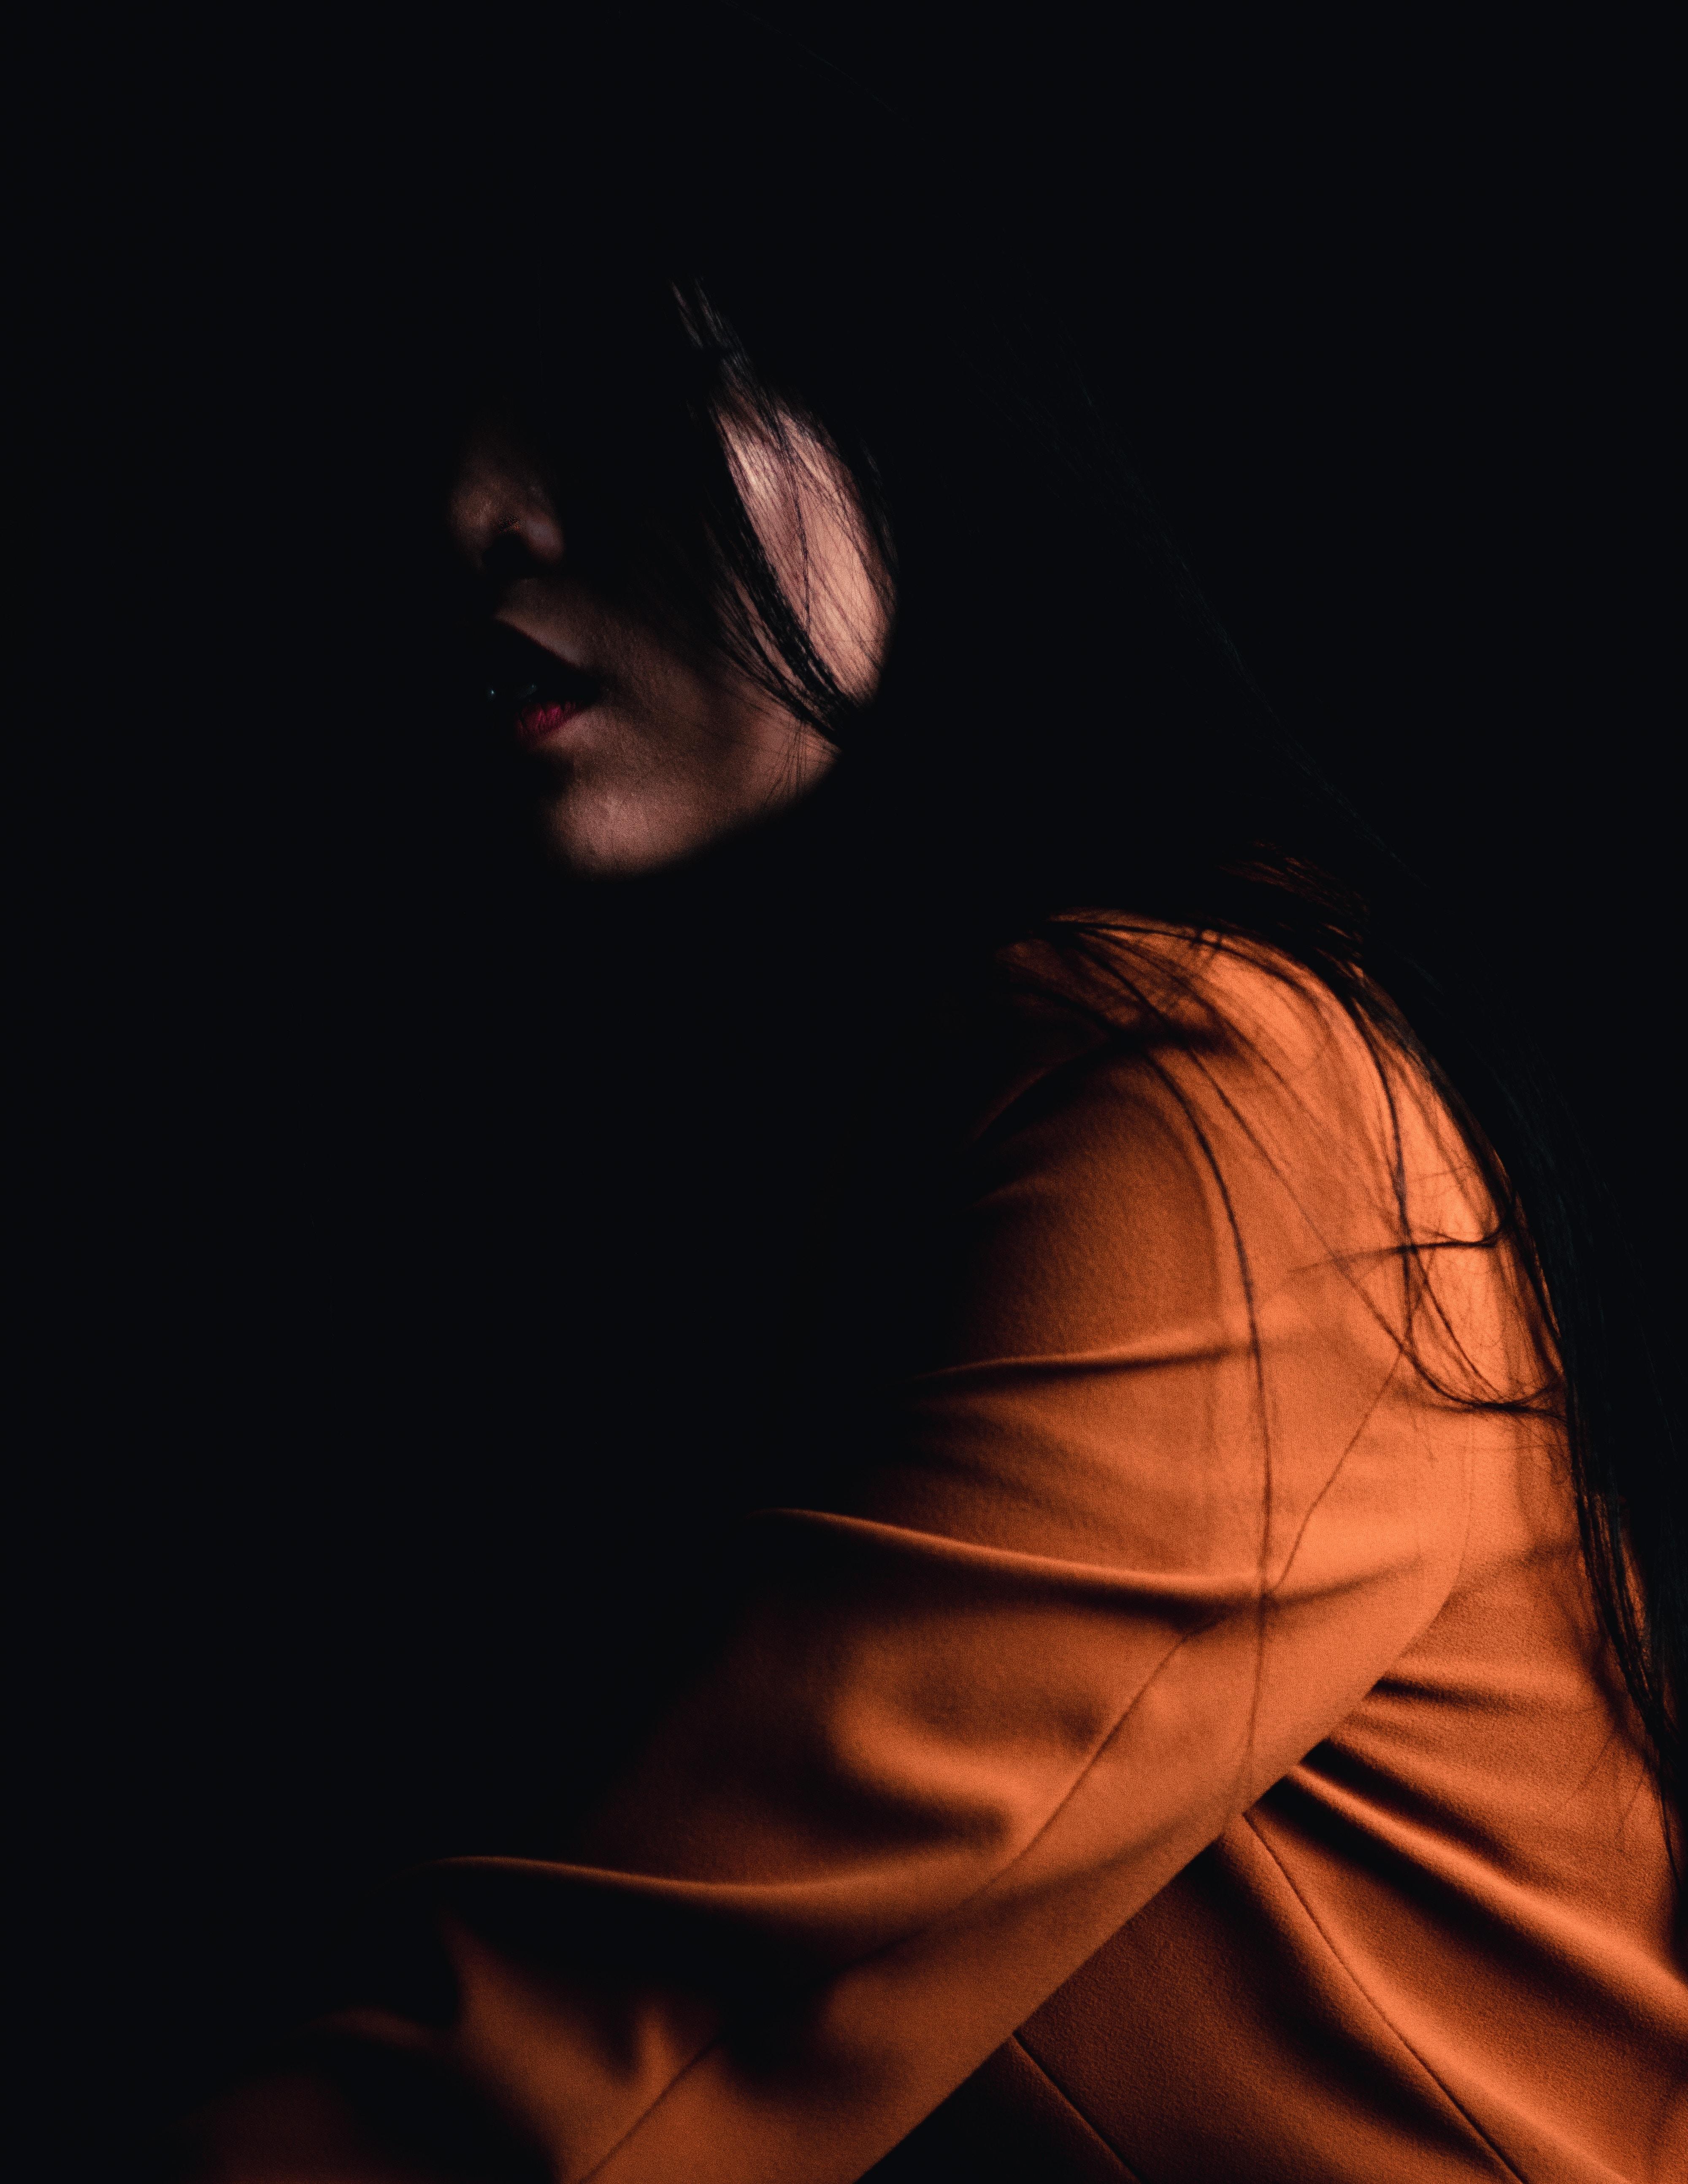 woman wearing brown long-sleeved top